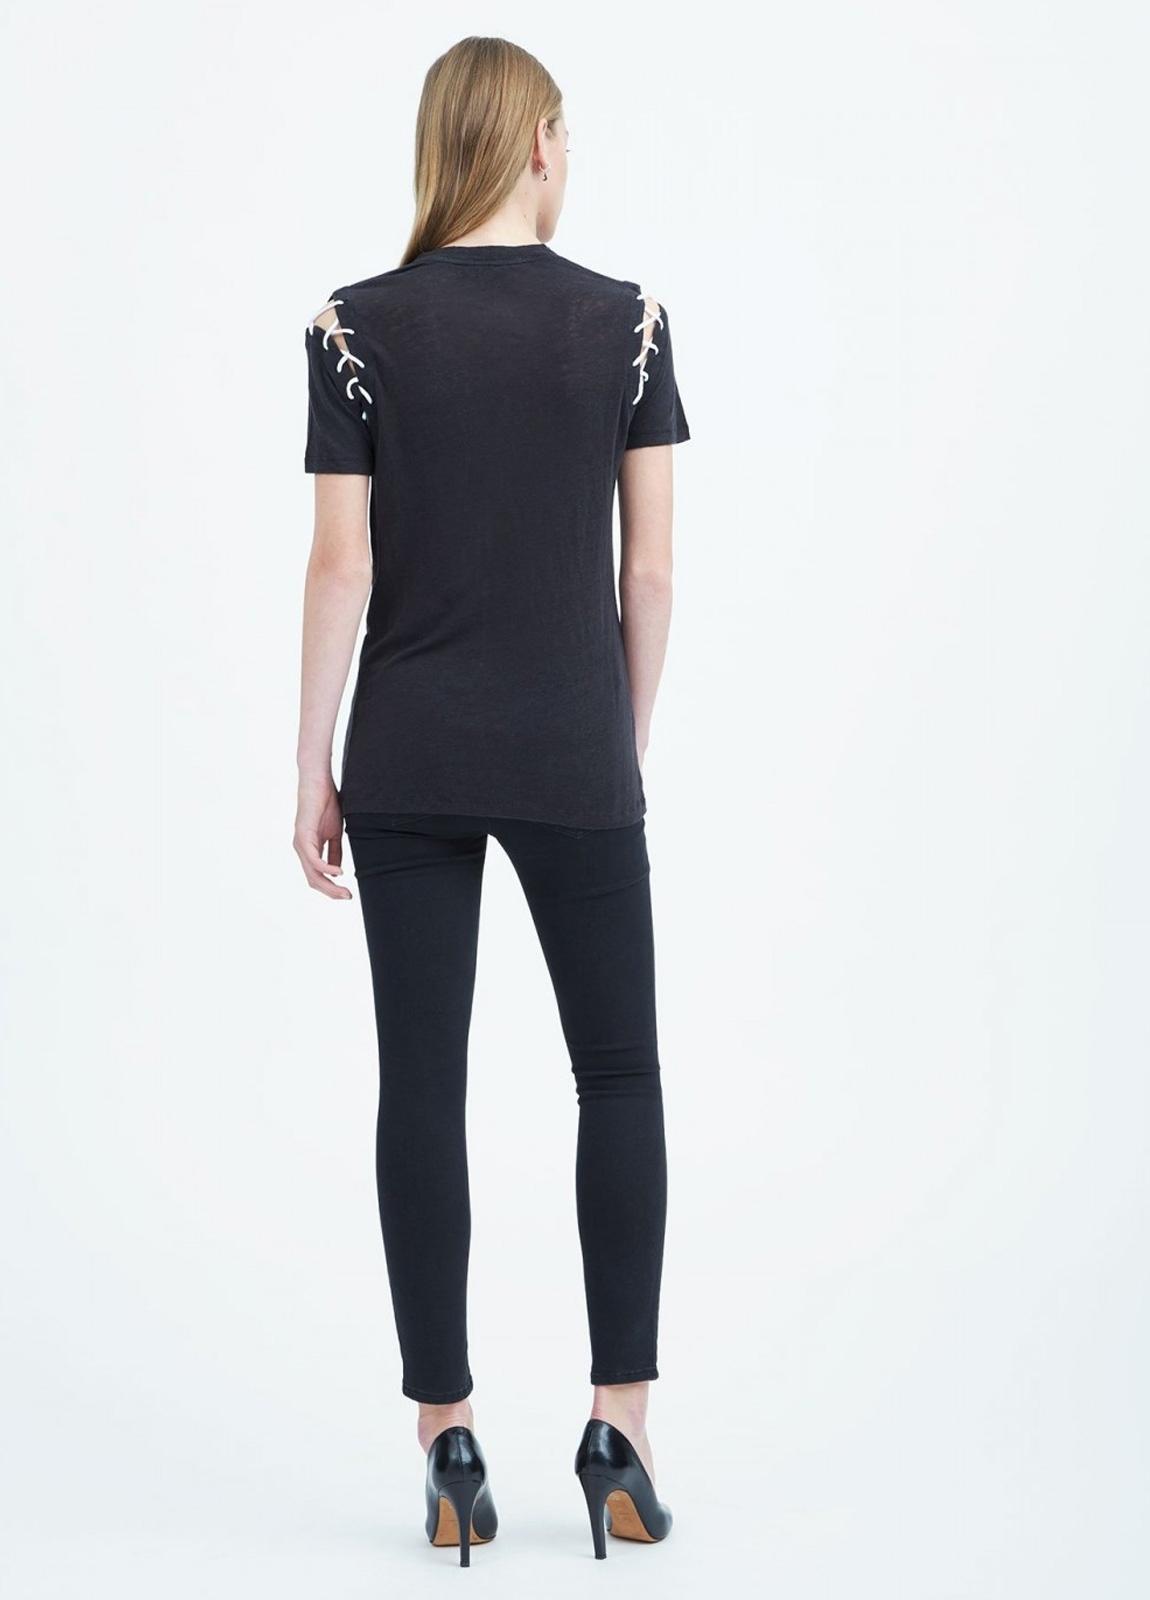 Camiseta manga corta woman color negro con cordones en hombros. 100% Lino. - Ítem2